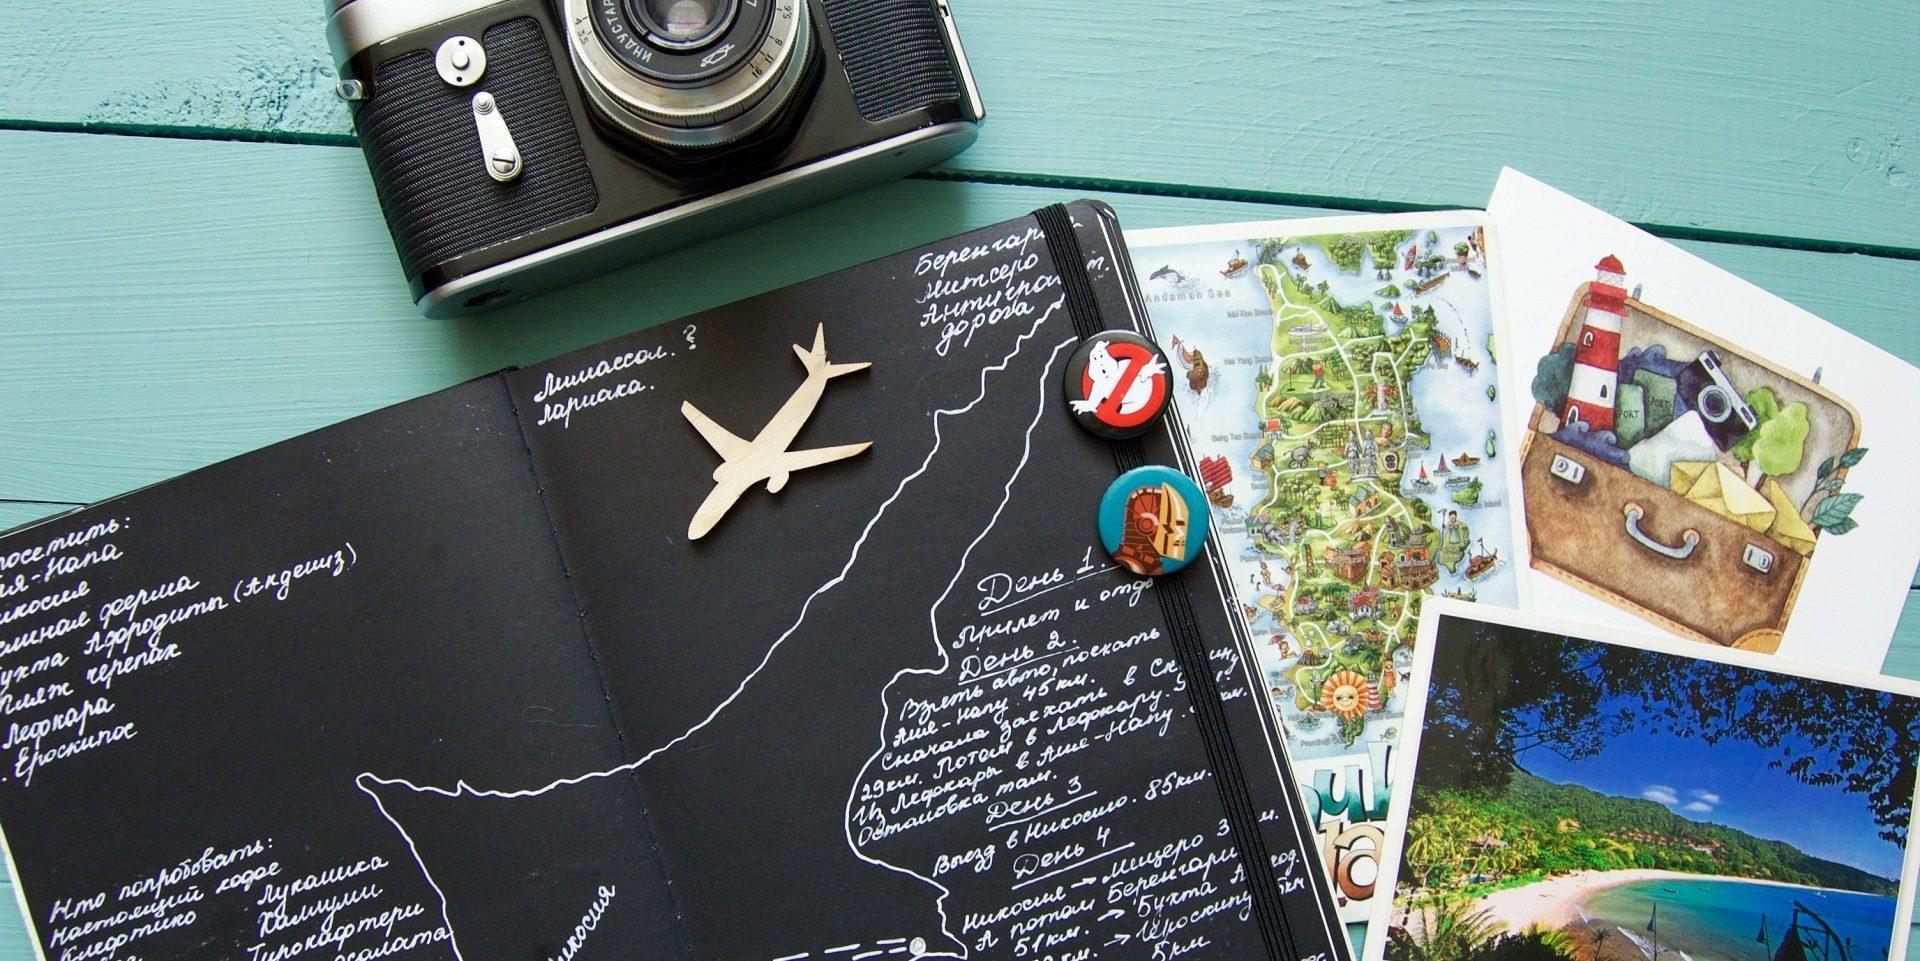 Как путешествовать самостоятельно: полезные советы начинающим